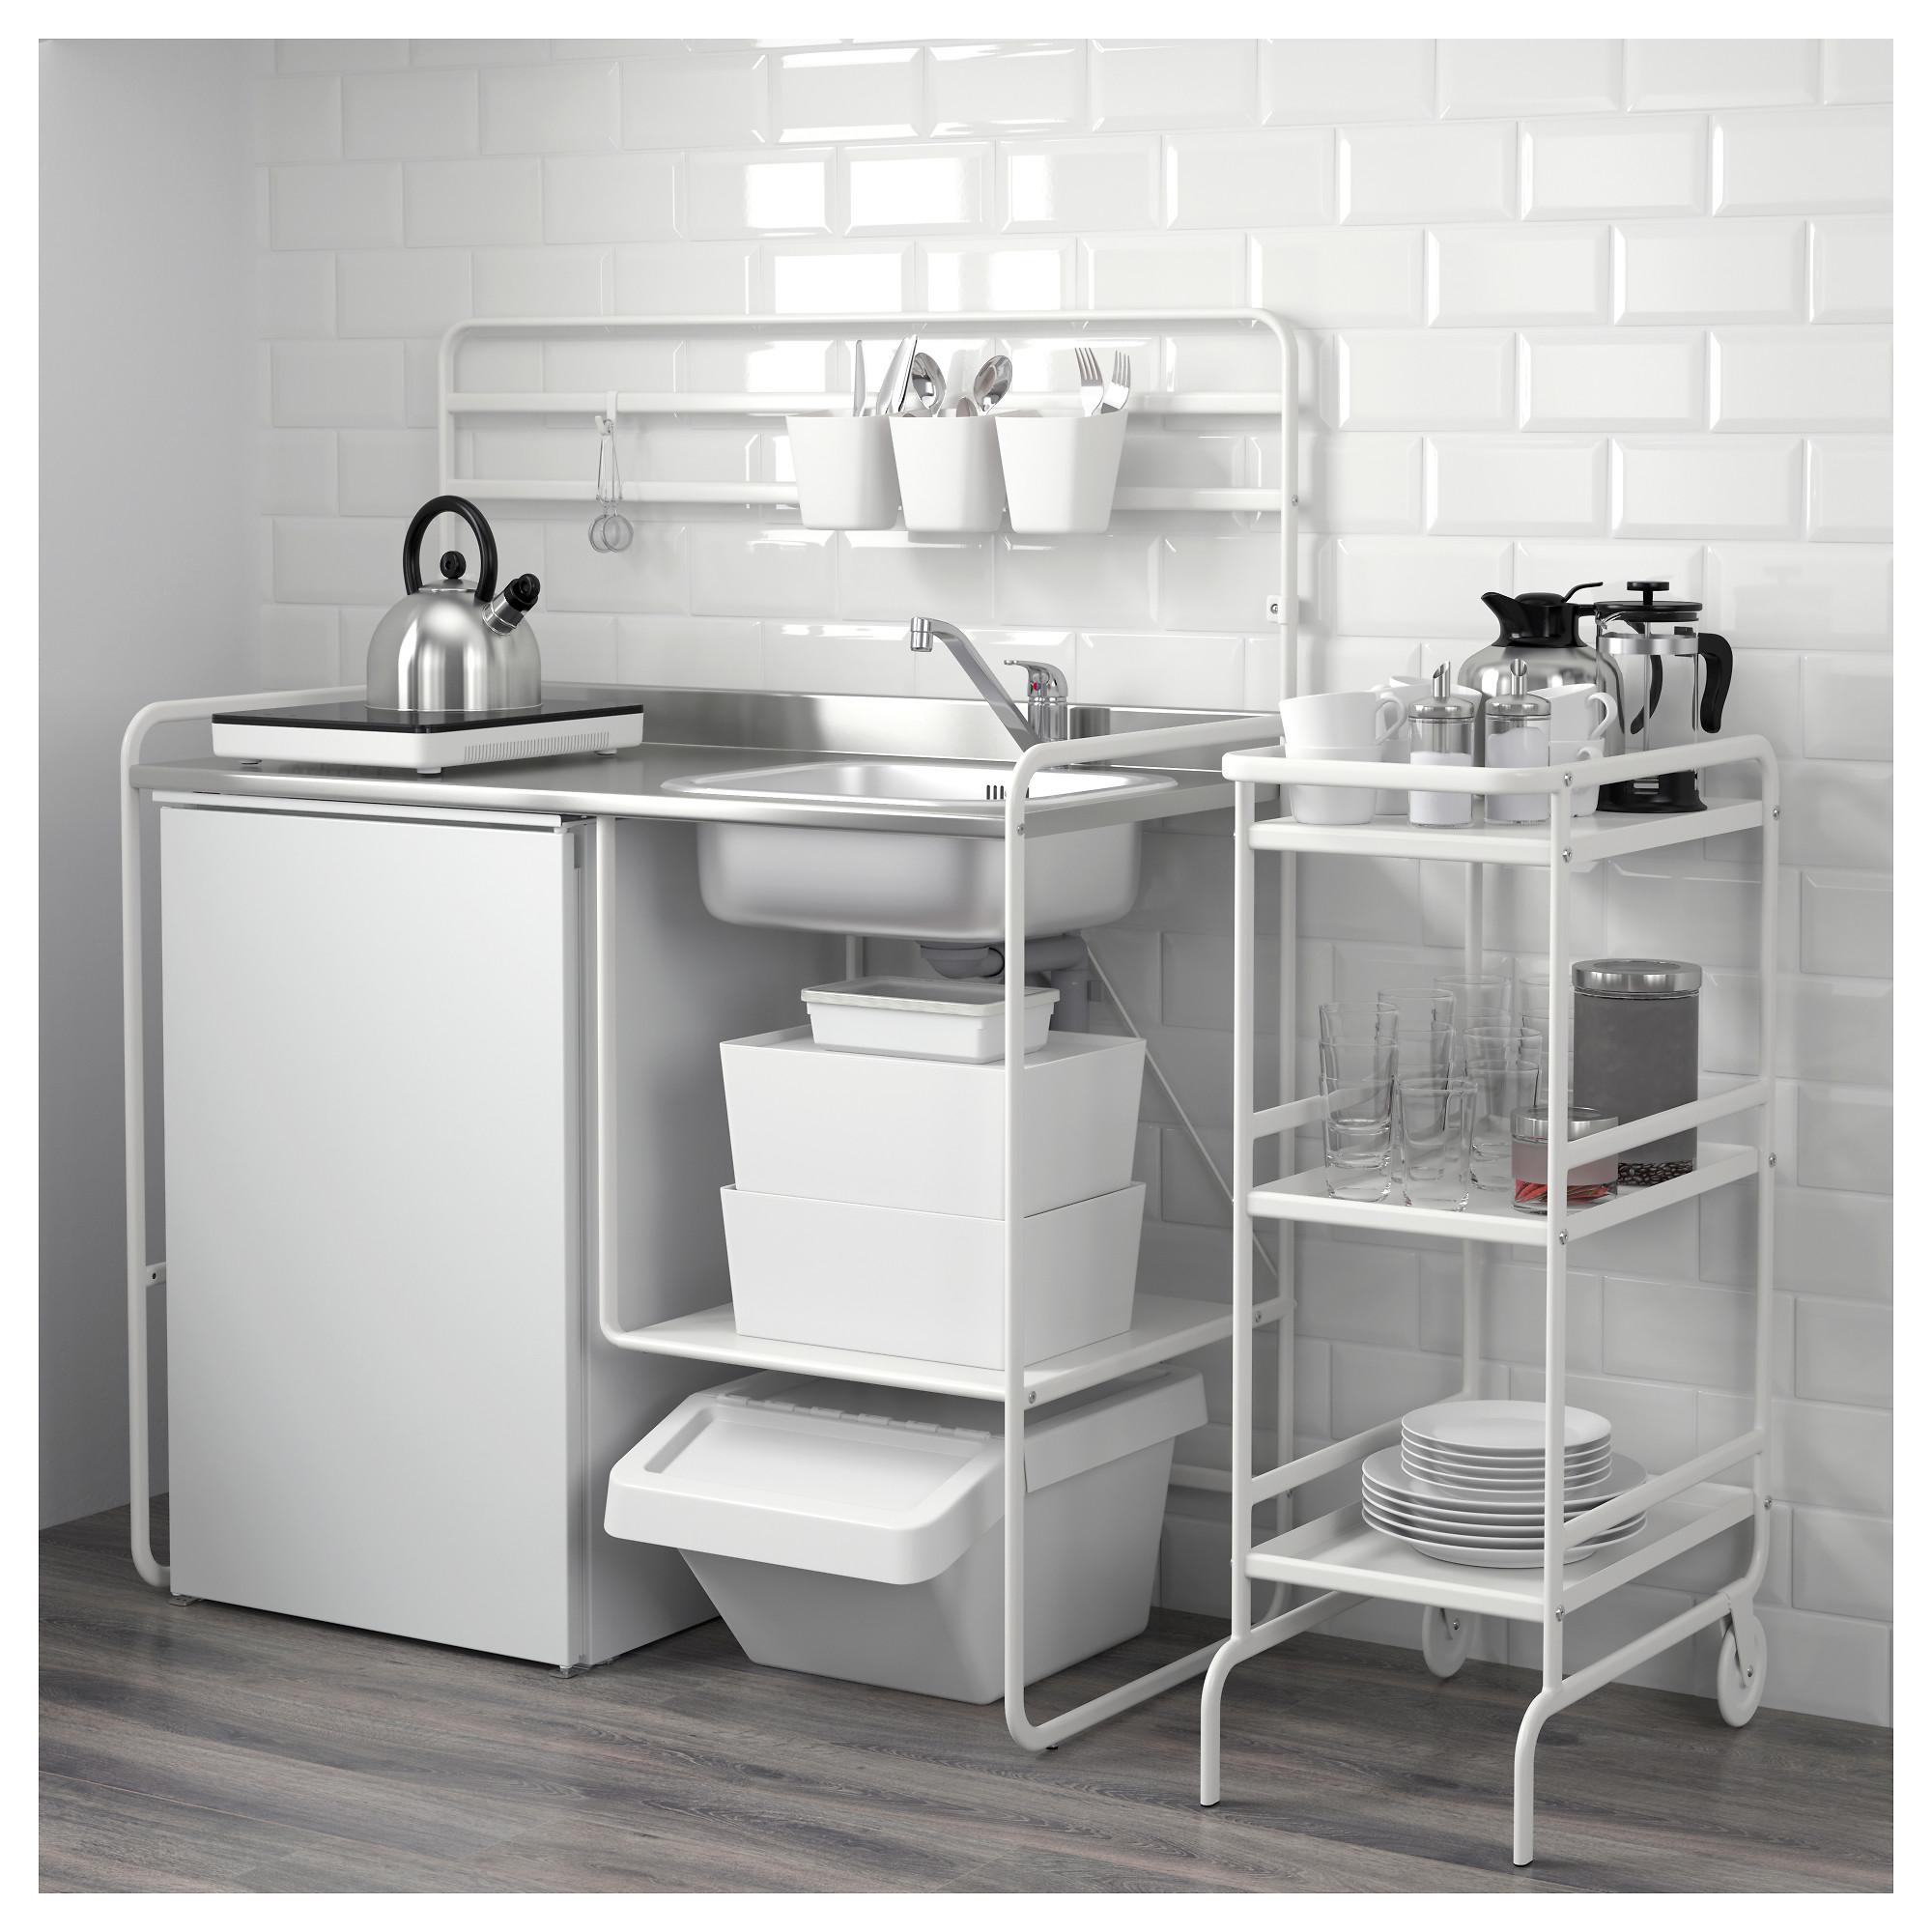 Full Size of Minikche Ikea Charmant Design 1004 Modulküche Betten 160x200 Bei Küche Kosten Sofa Mit Schlaffunktion Kaufen Miniküche Wohnzimmer Ikea Miniküchen